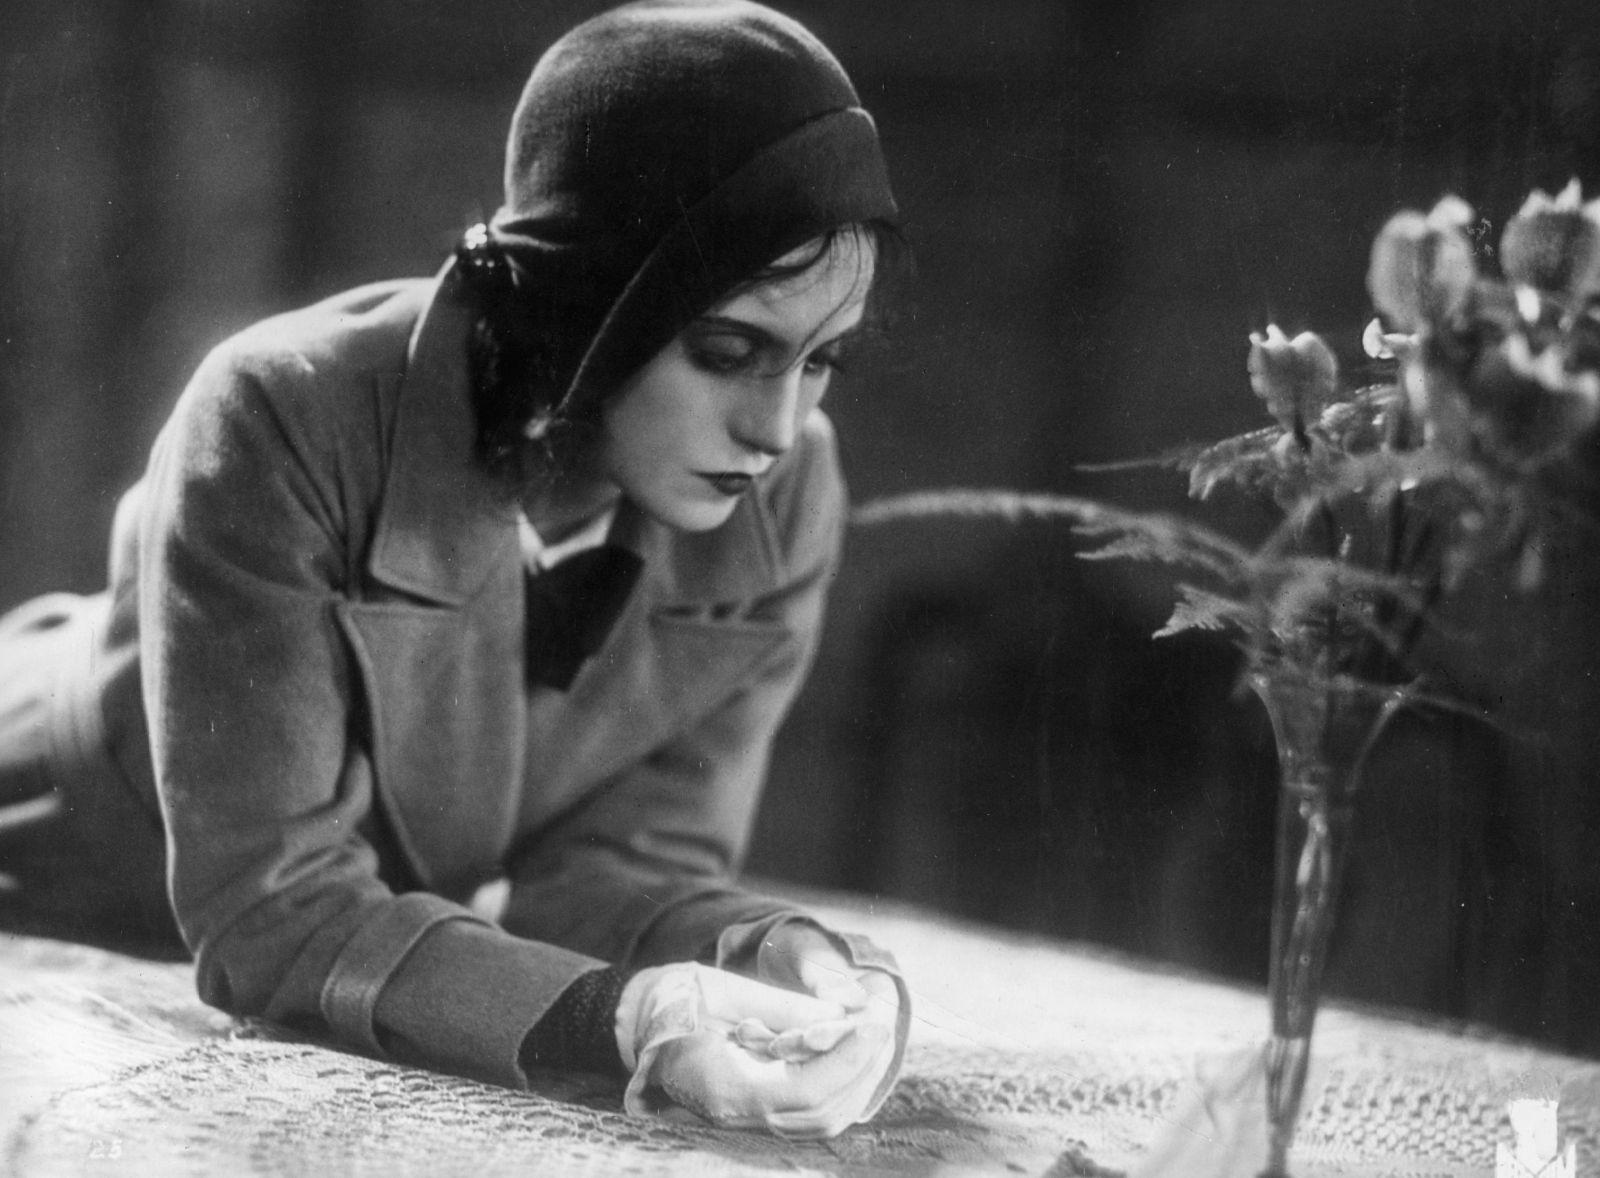 <i>Ariane</i>, D 1930/31, Regie: Paul Czinner, Quelle: Deutsche Kinemathek